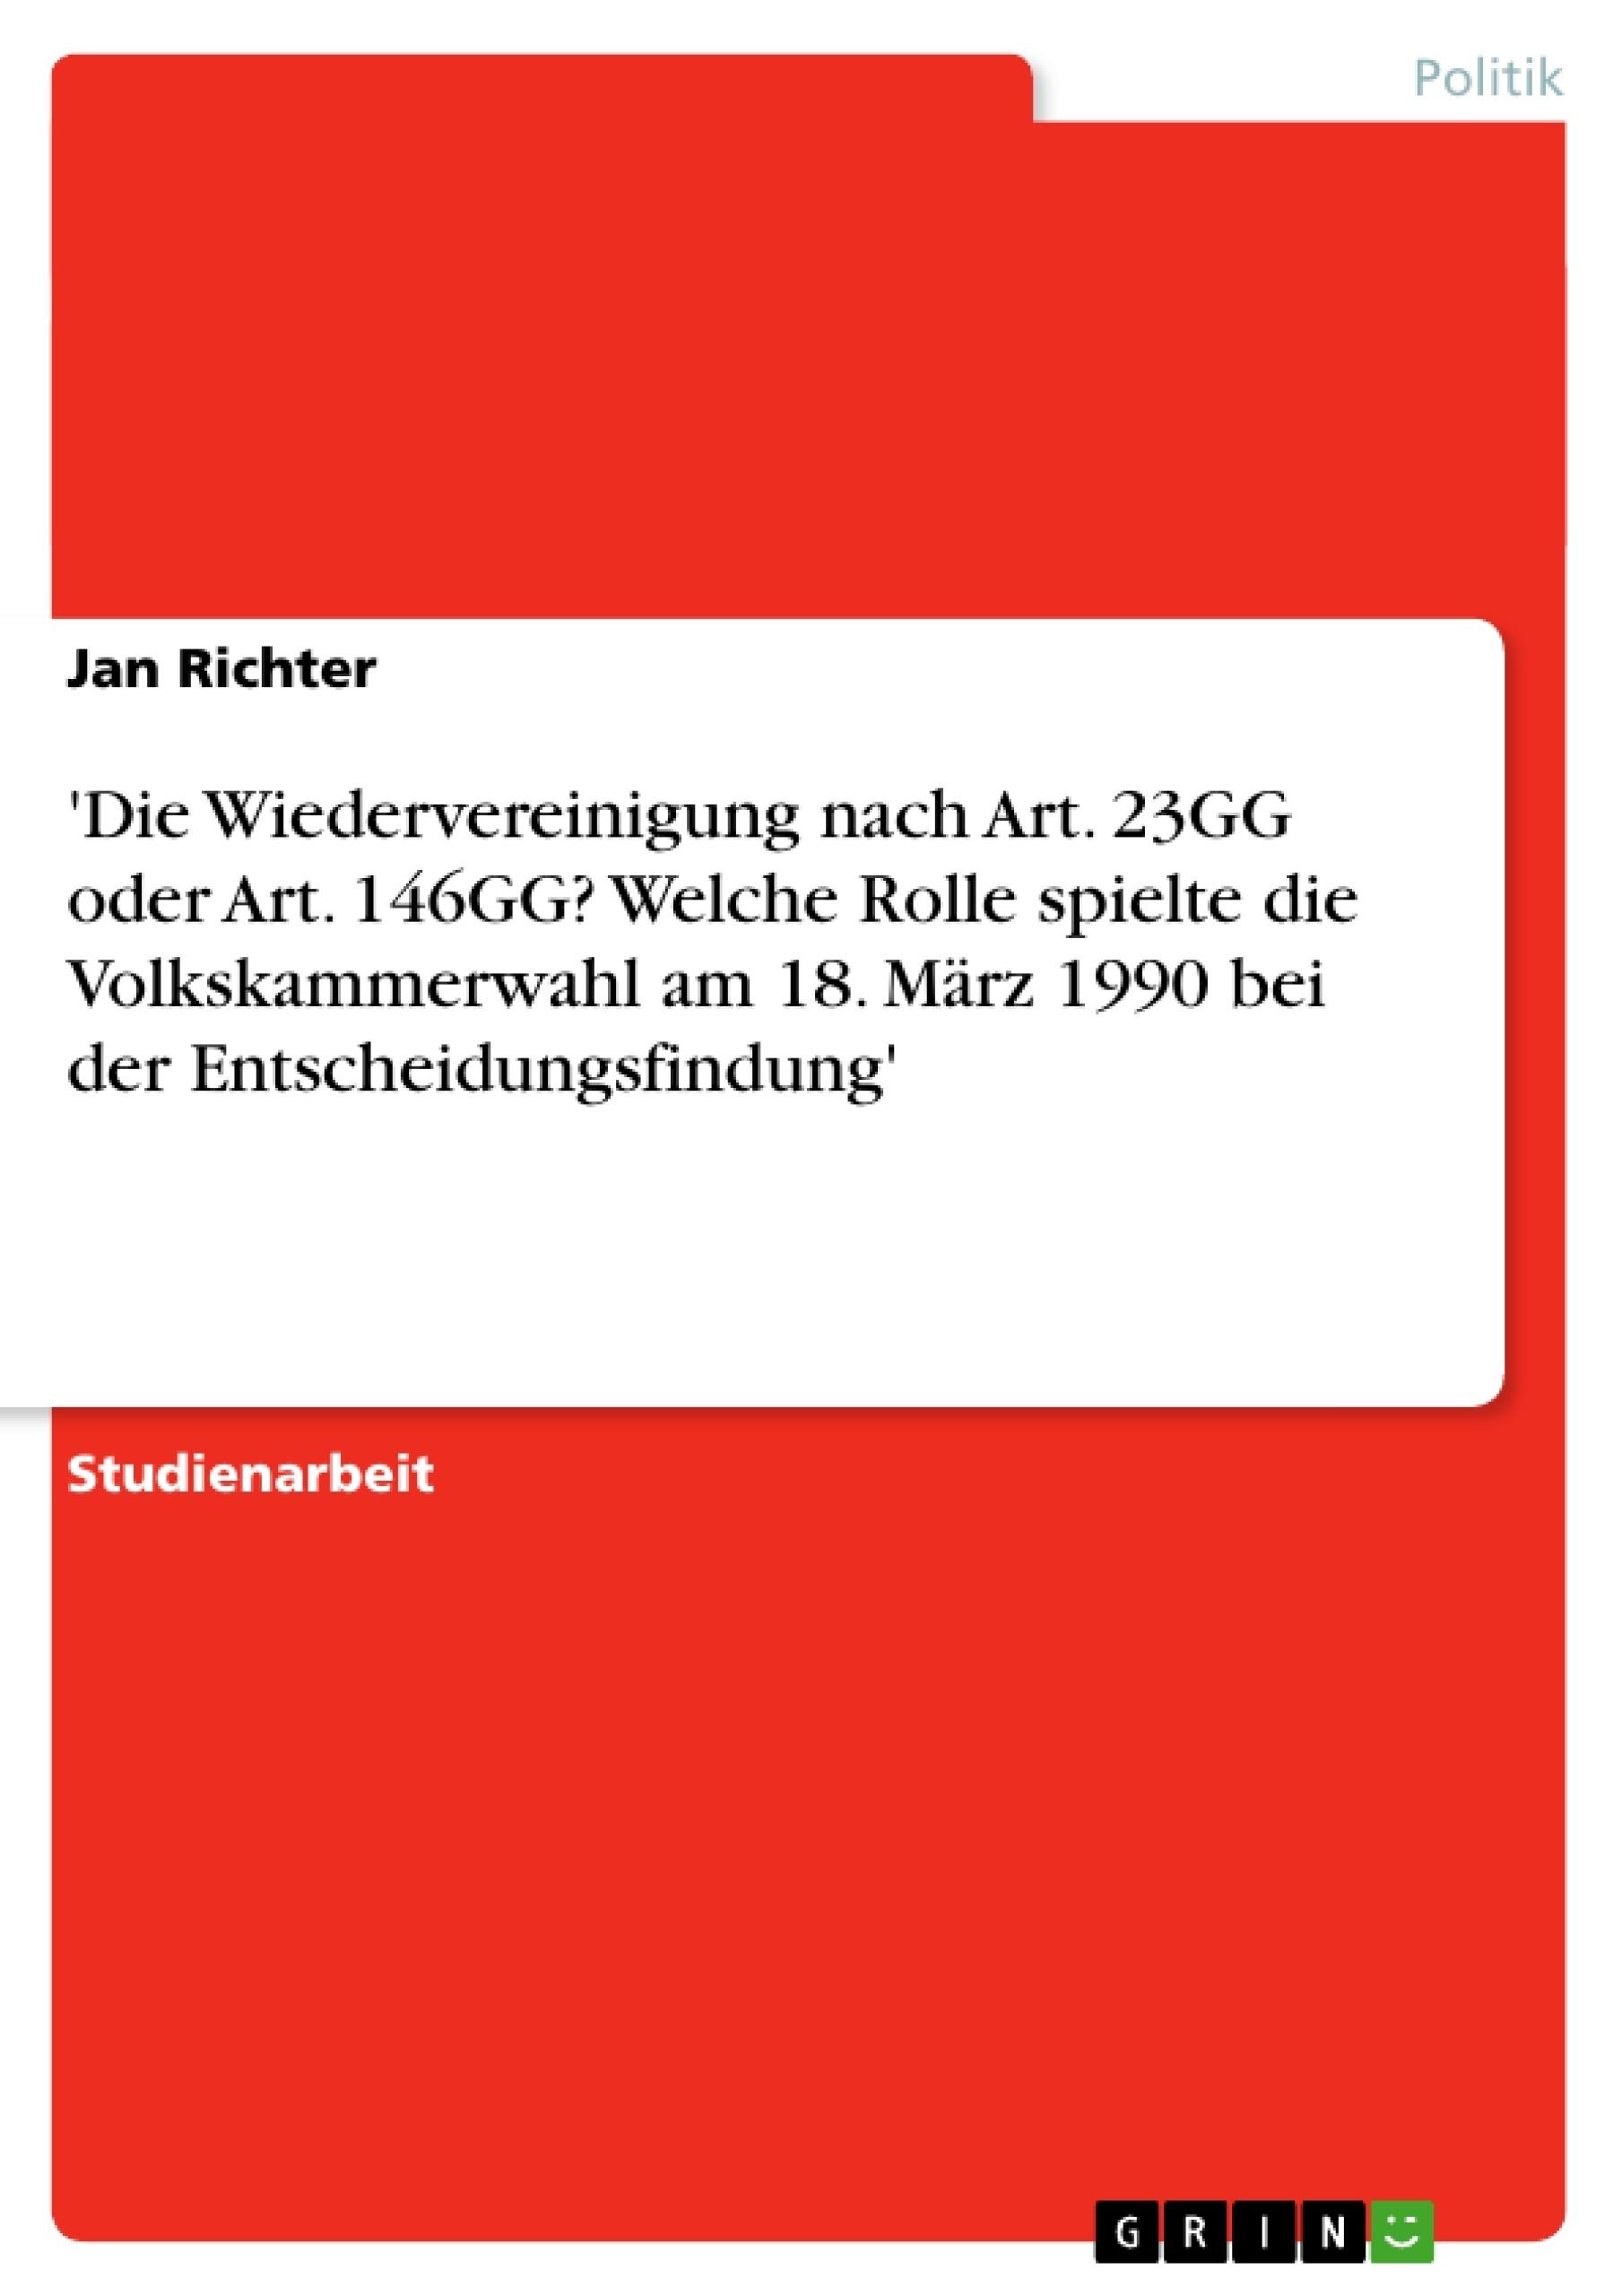 Titel: 'Die Wiedervereinigung nach Art. 23GG oder Art. 146GG?  Welche Rolle spielte die Volkskammerwahl am 18. März 1990 bei der Entscheidungsfindung'